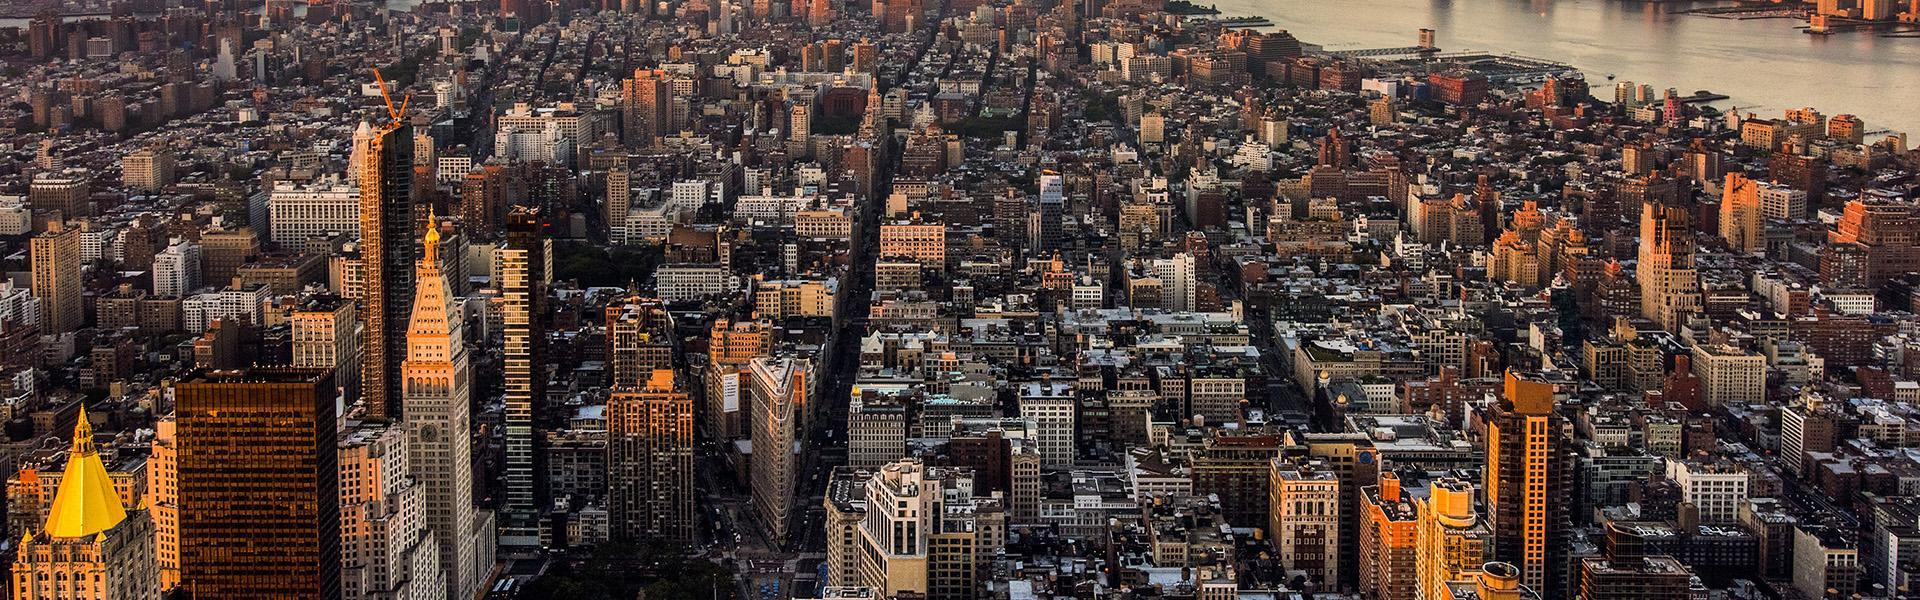 NYC & Company Annual Meeting 2018